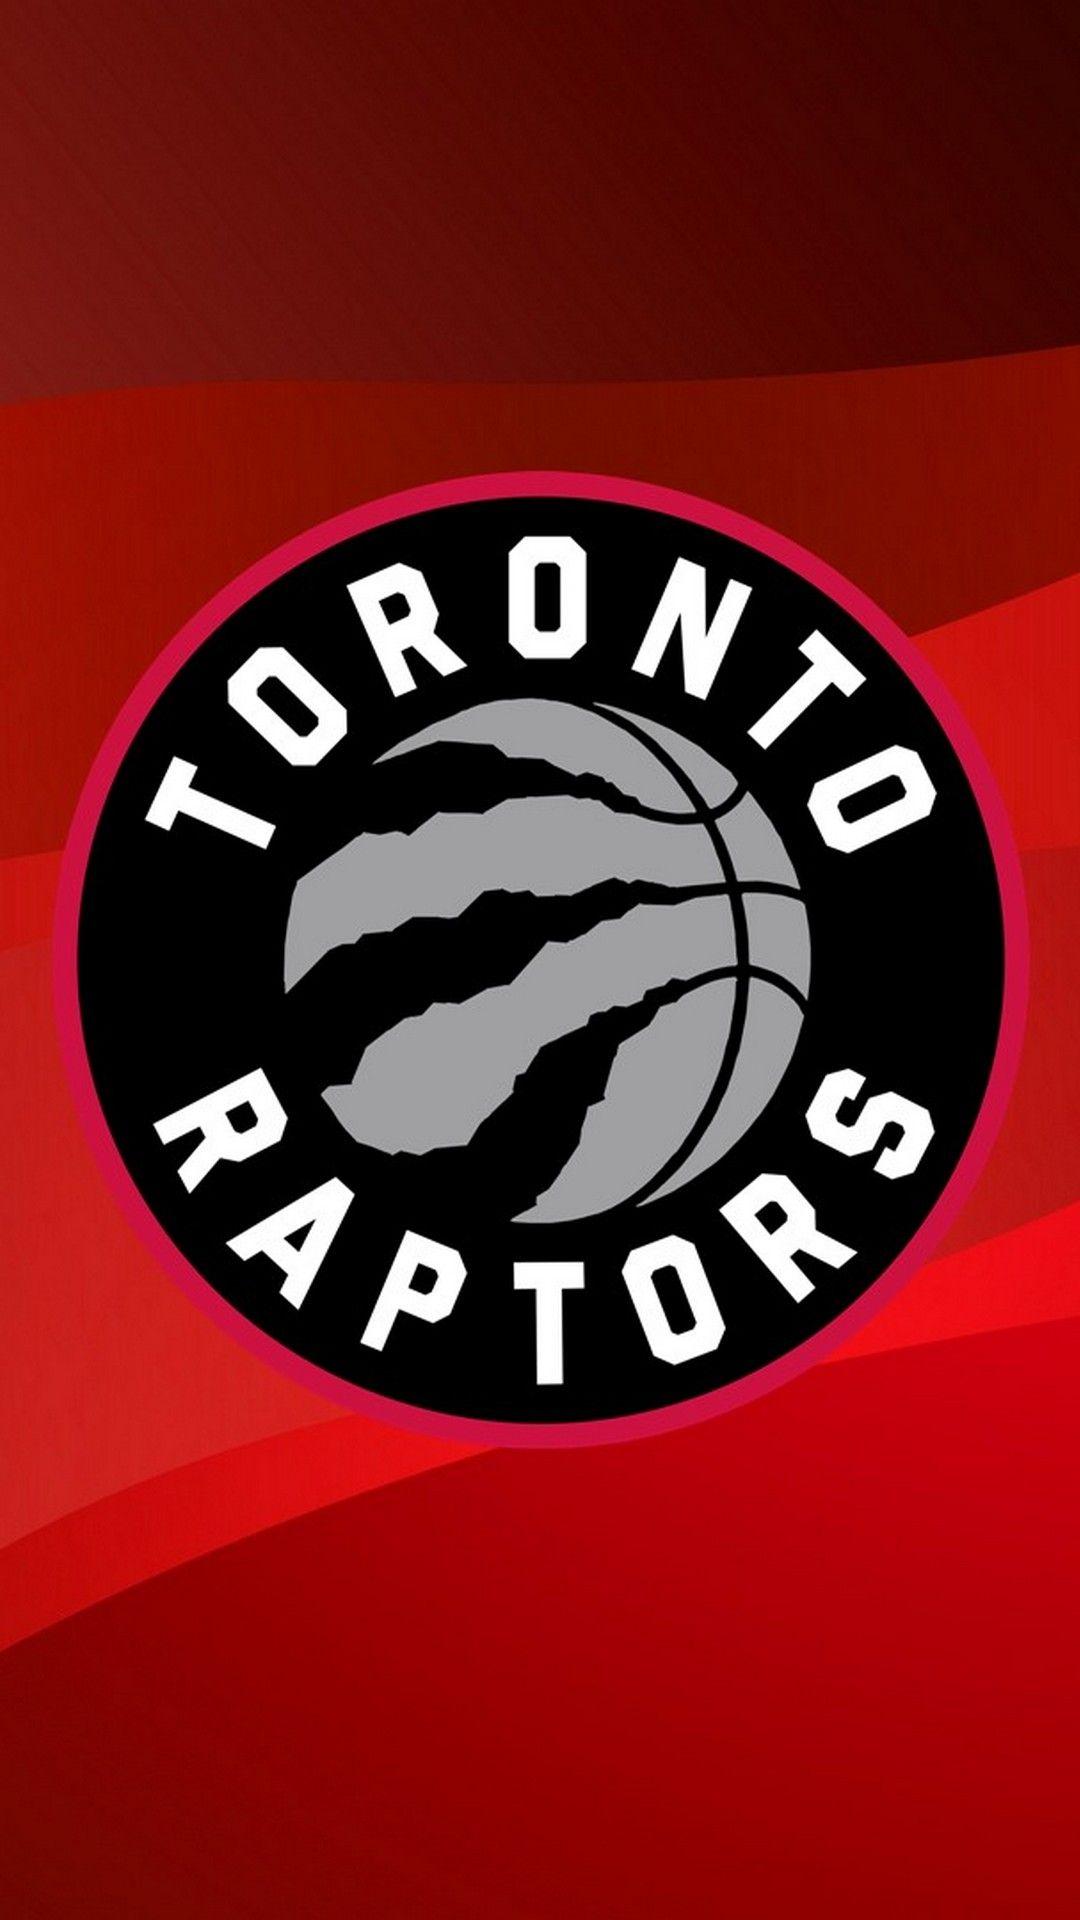 Toronto Raptors Iphone 6 Wallpaper Toronto Raptors Wallpaper Toronto Iphone Wallpaper Nba